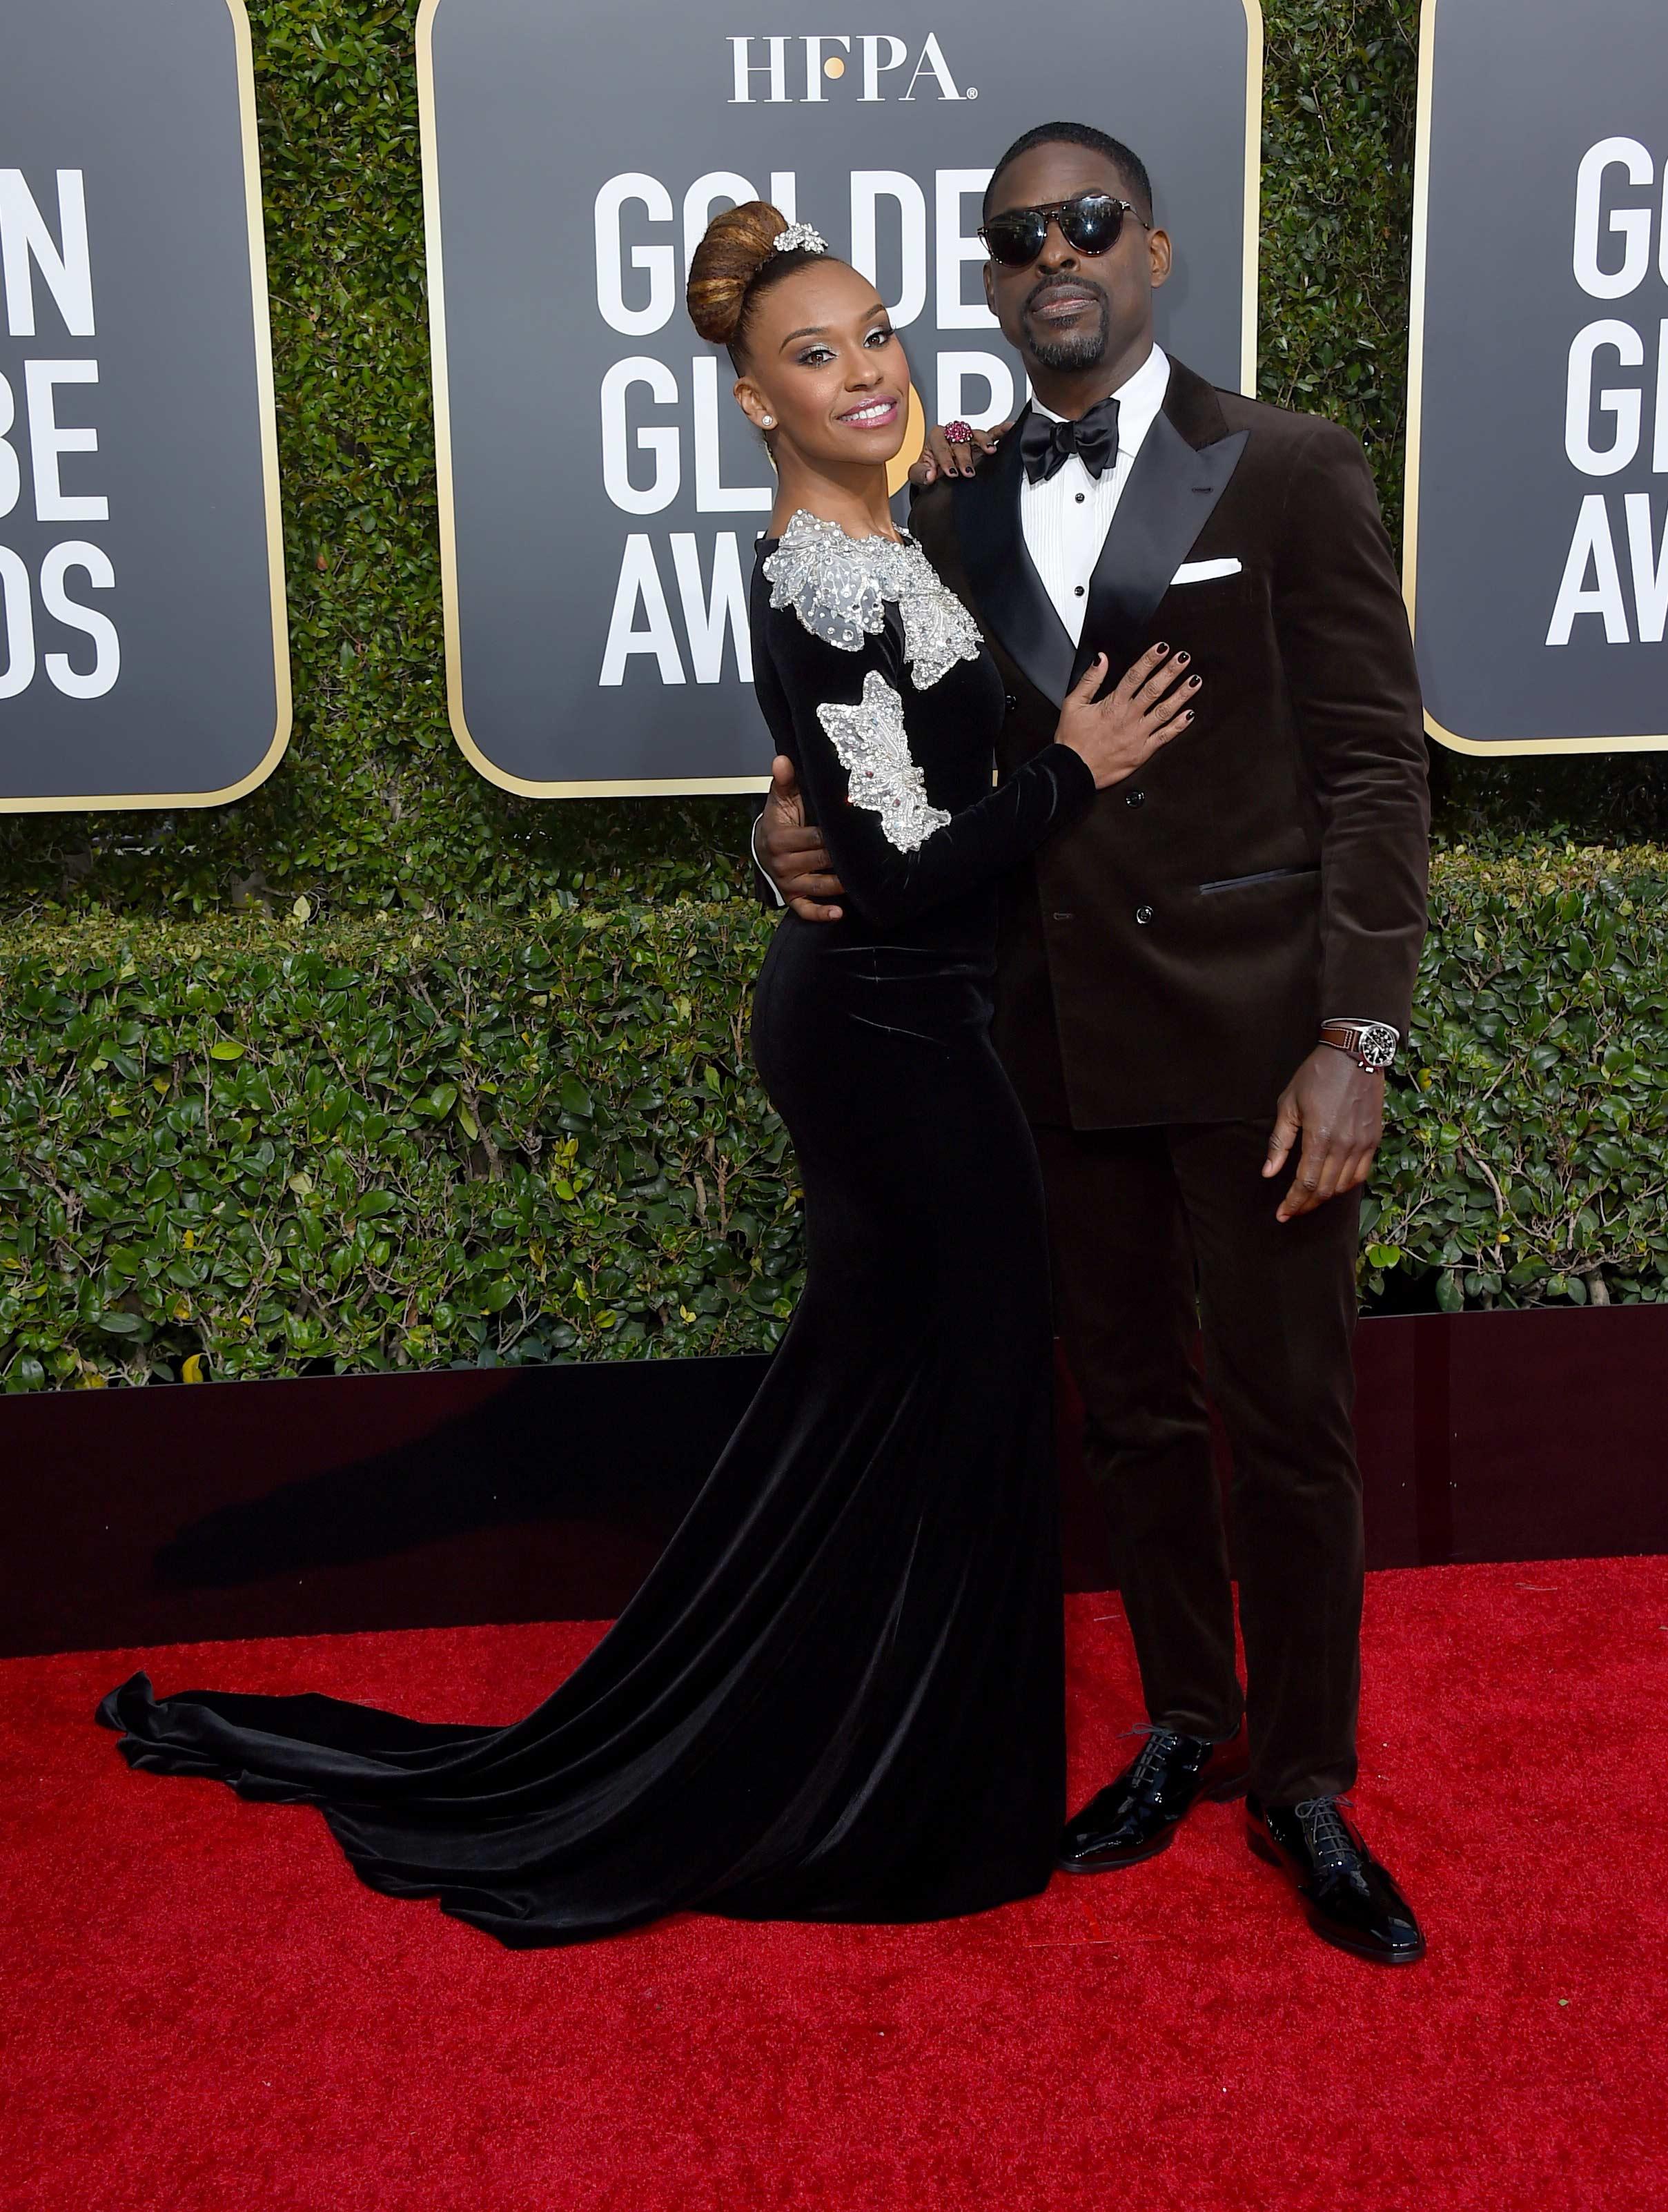 Sterling K. Brown y Ryan Michelle Bath, otra de las parejas más estables de Hollywood: llevan doce años de casados y estuvieron en los Golden Globe. (Foto: AP)